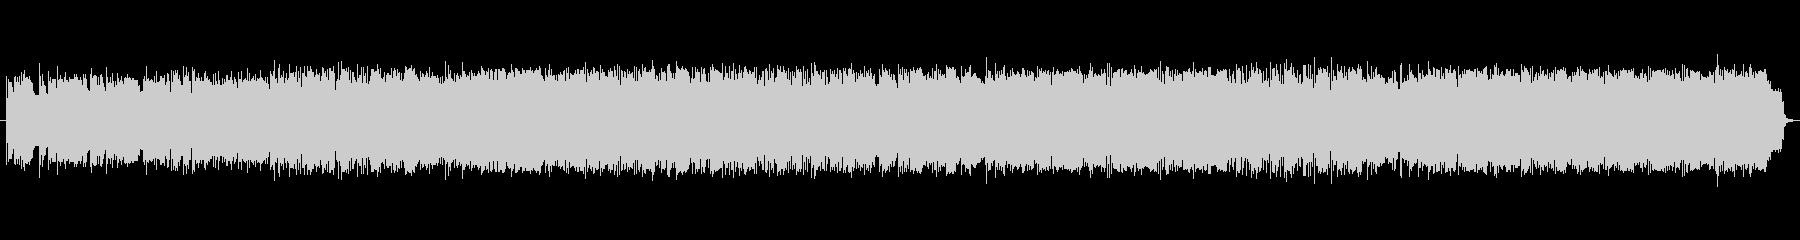 美メロシンセサウンドが特徴的なポップスの未再生の波形